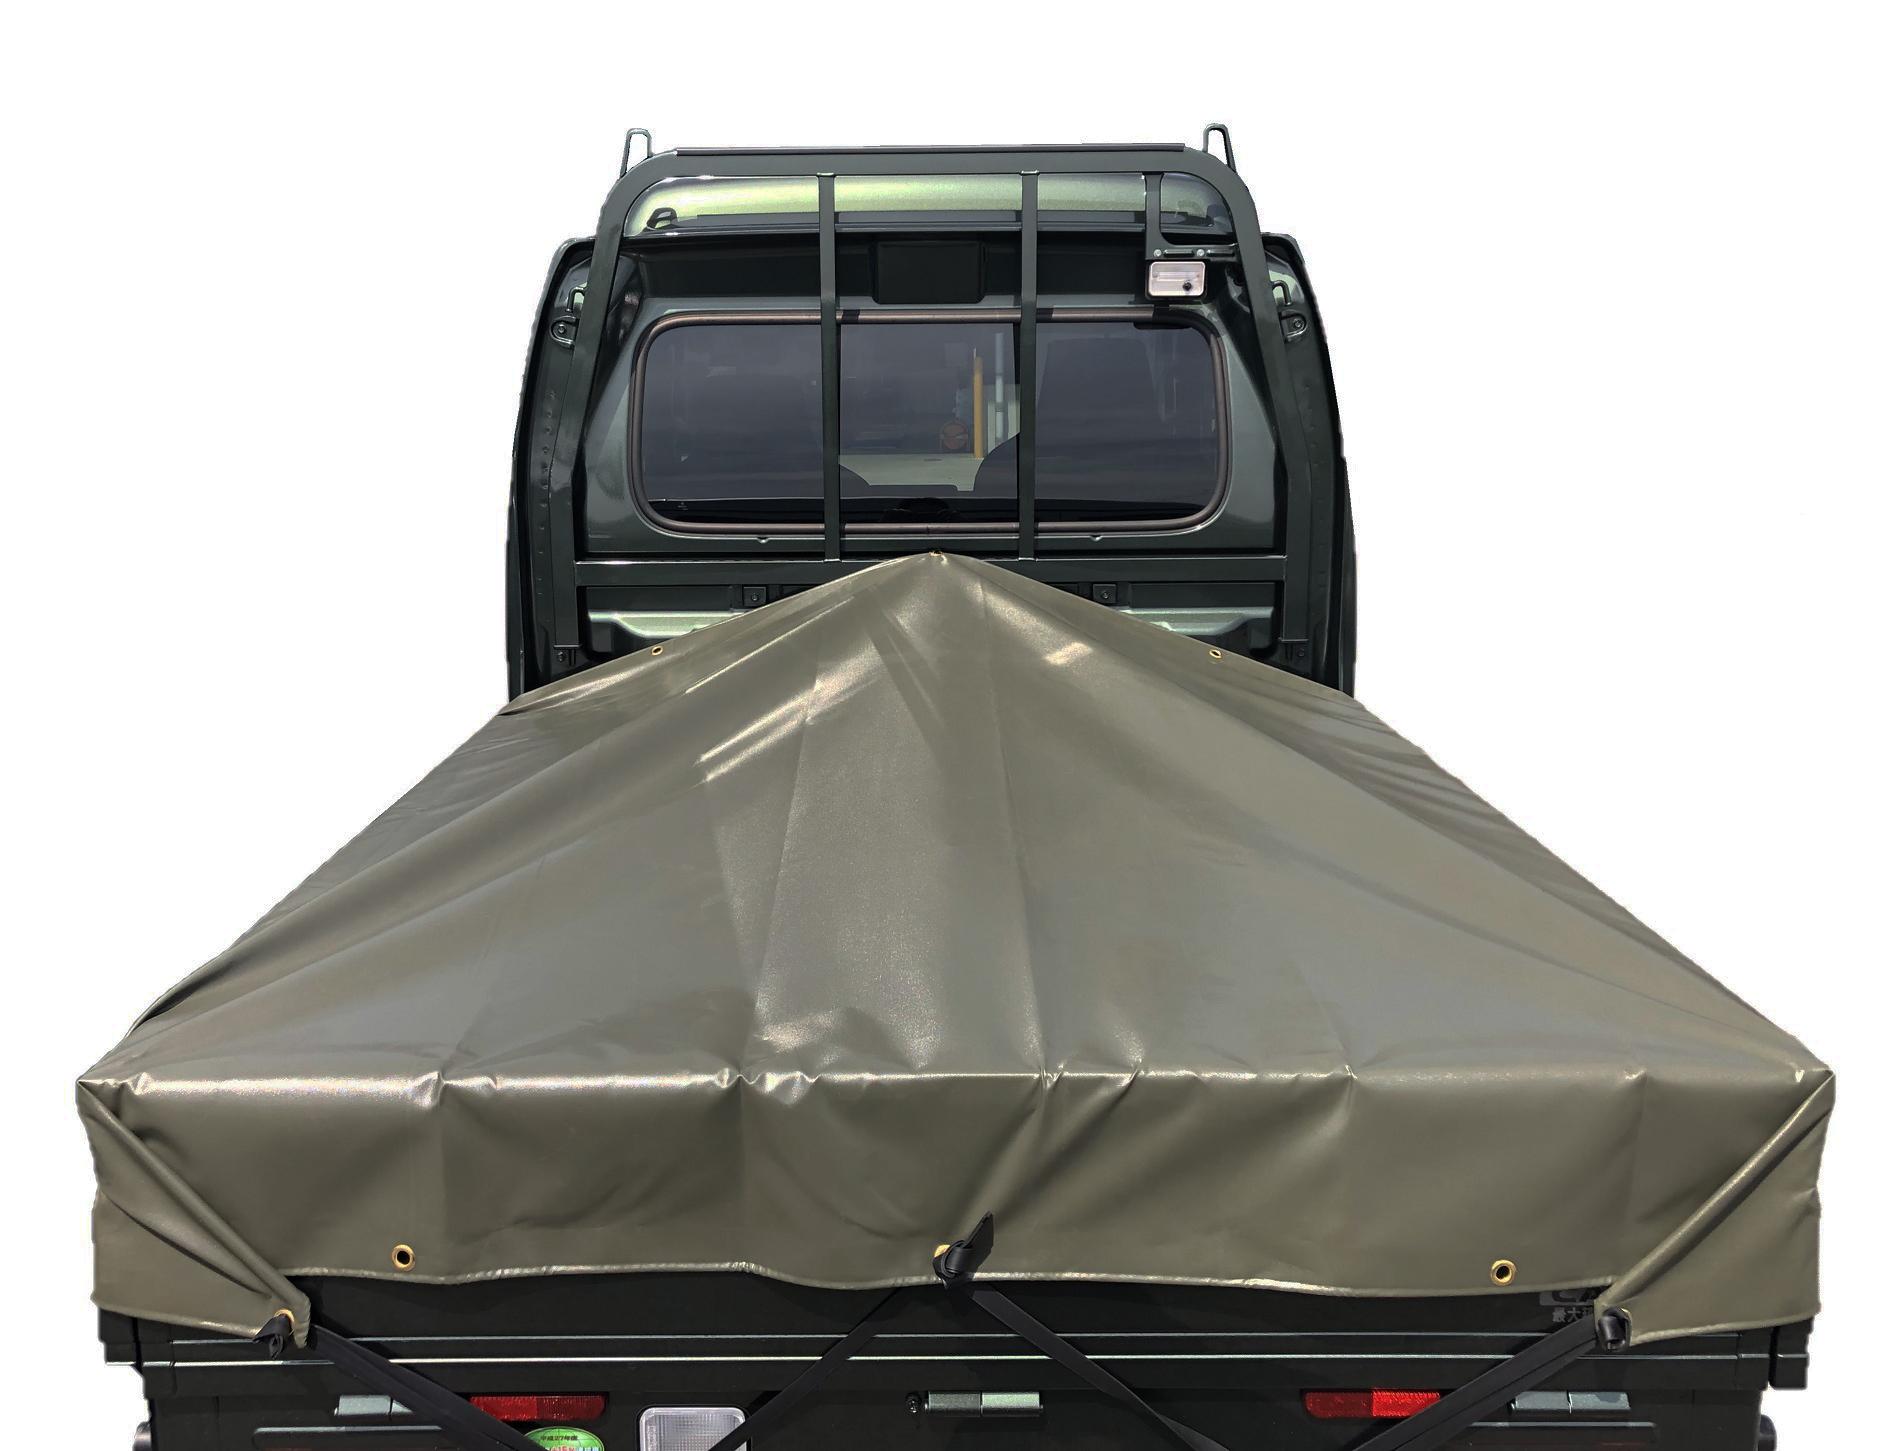 贈答 スーパーキャリイ専用トラックシート本州四国九州は送料無料 スーパーキャリイシート スロープ型 シート単品 OD 国防色 前部 いよいよ人気ブランド 台形シート 1.7m 2.0m 長さ 1.9m× 後部